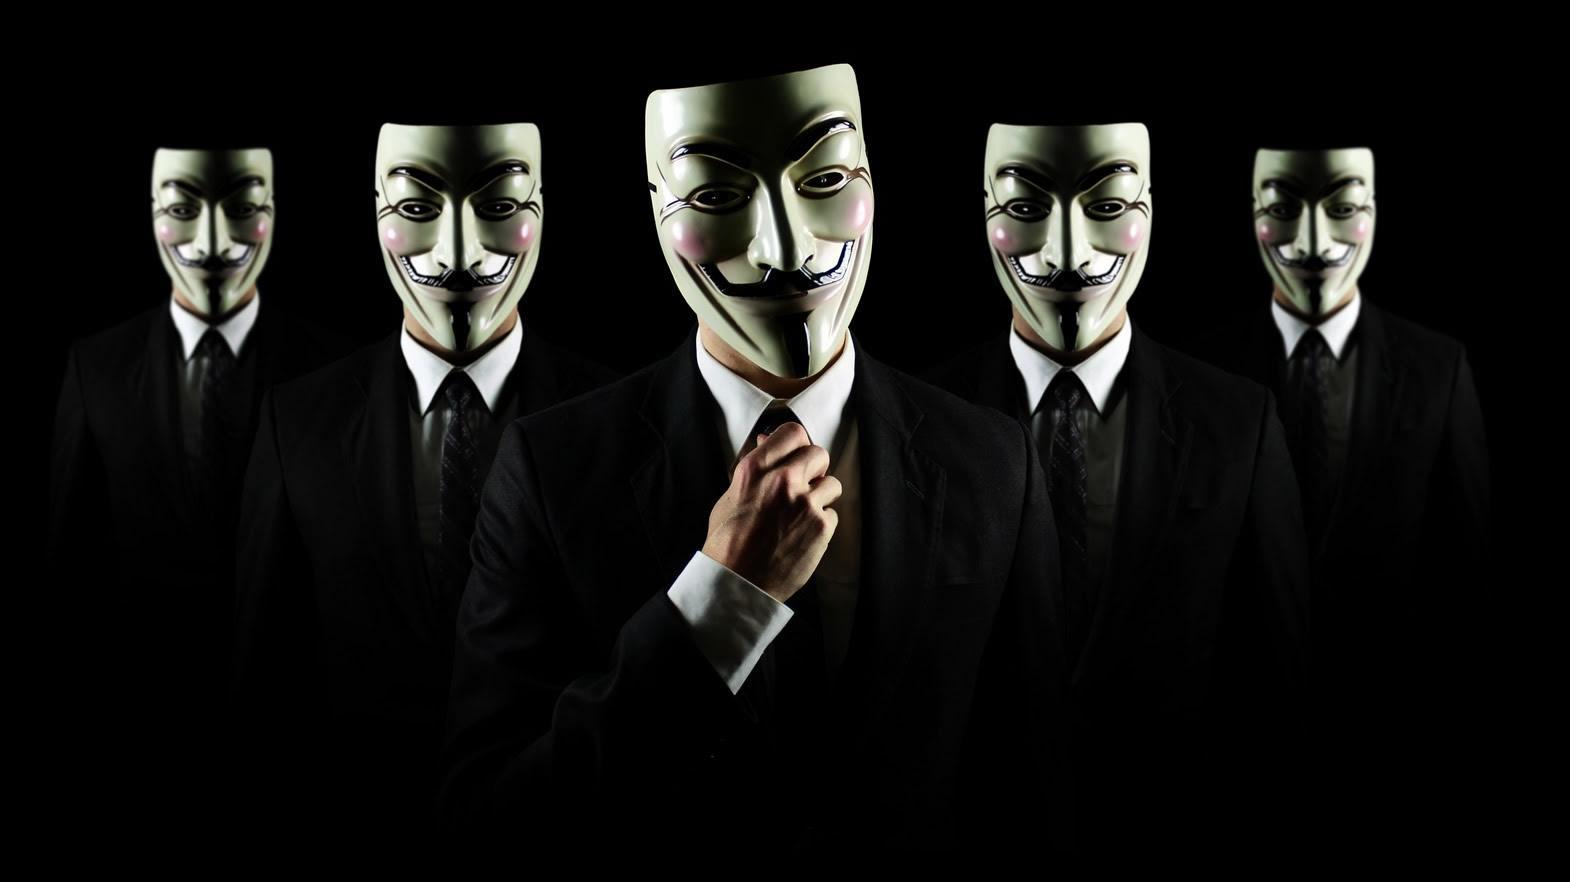 Иллюстрация на тему Анонимайзер YouTube для просмотра видео без ограничений